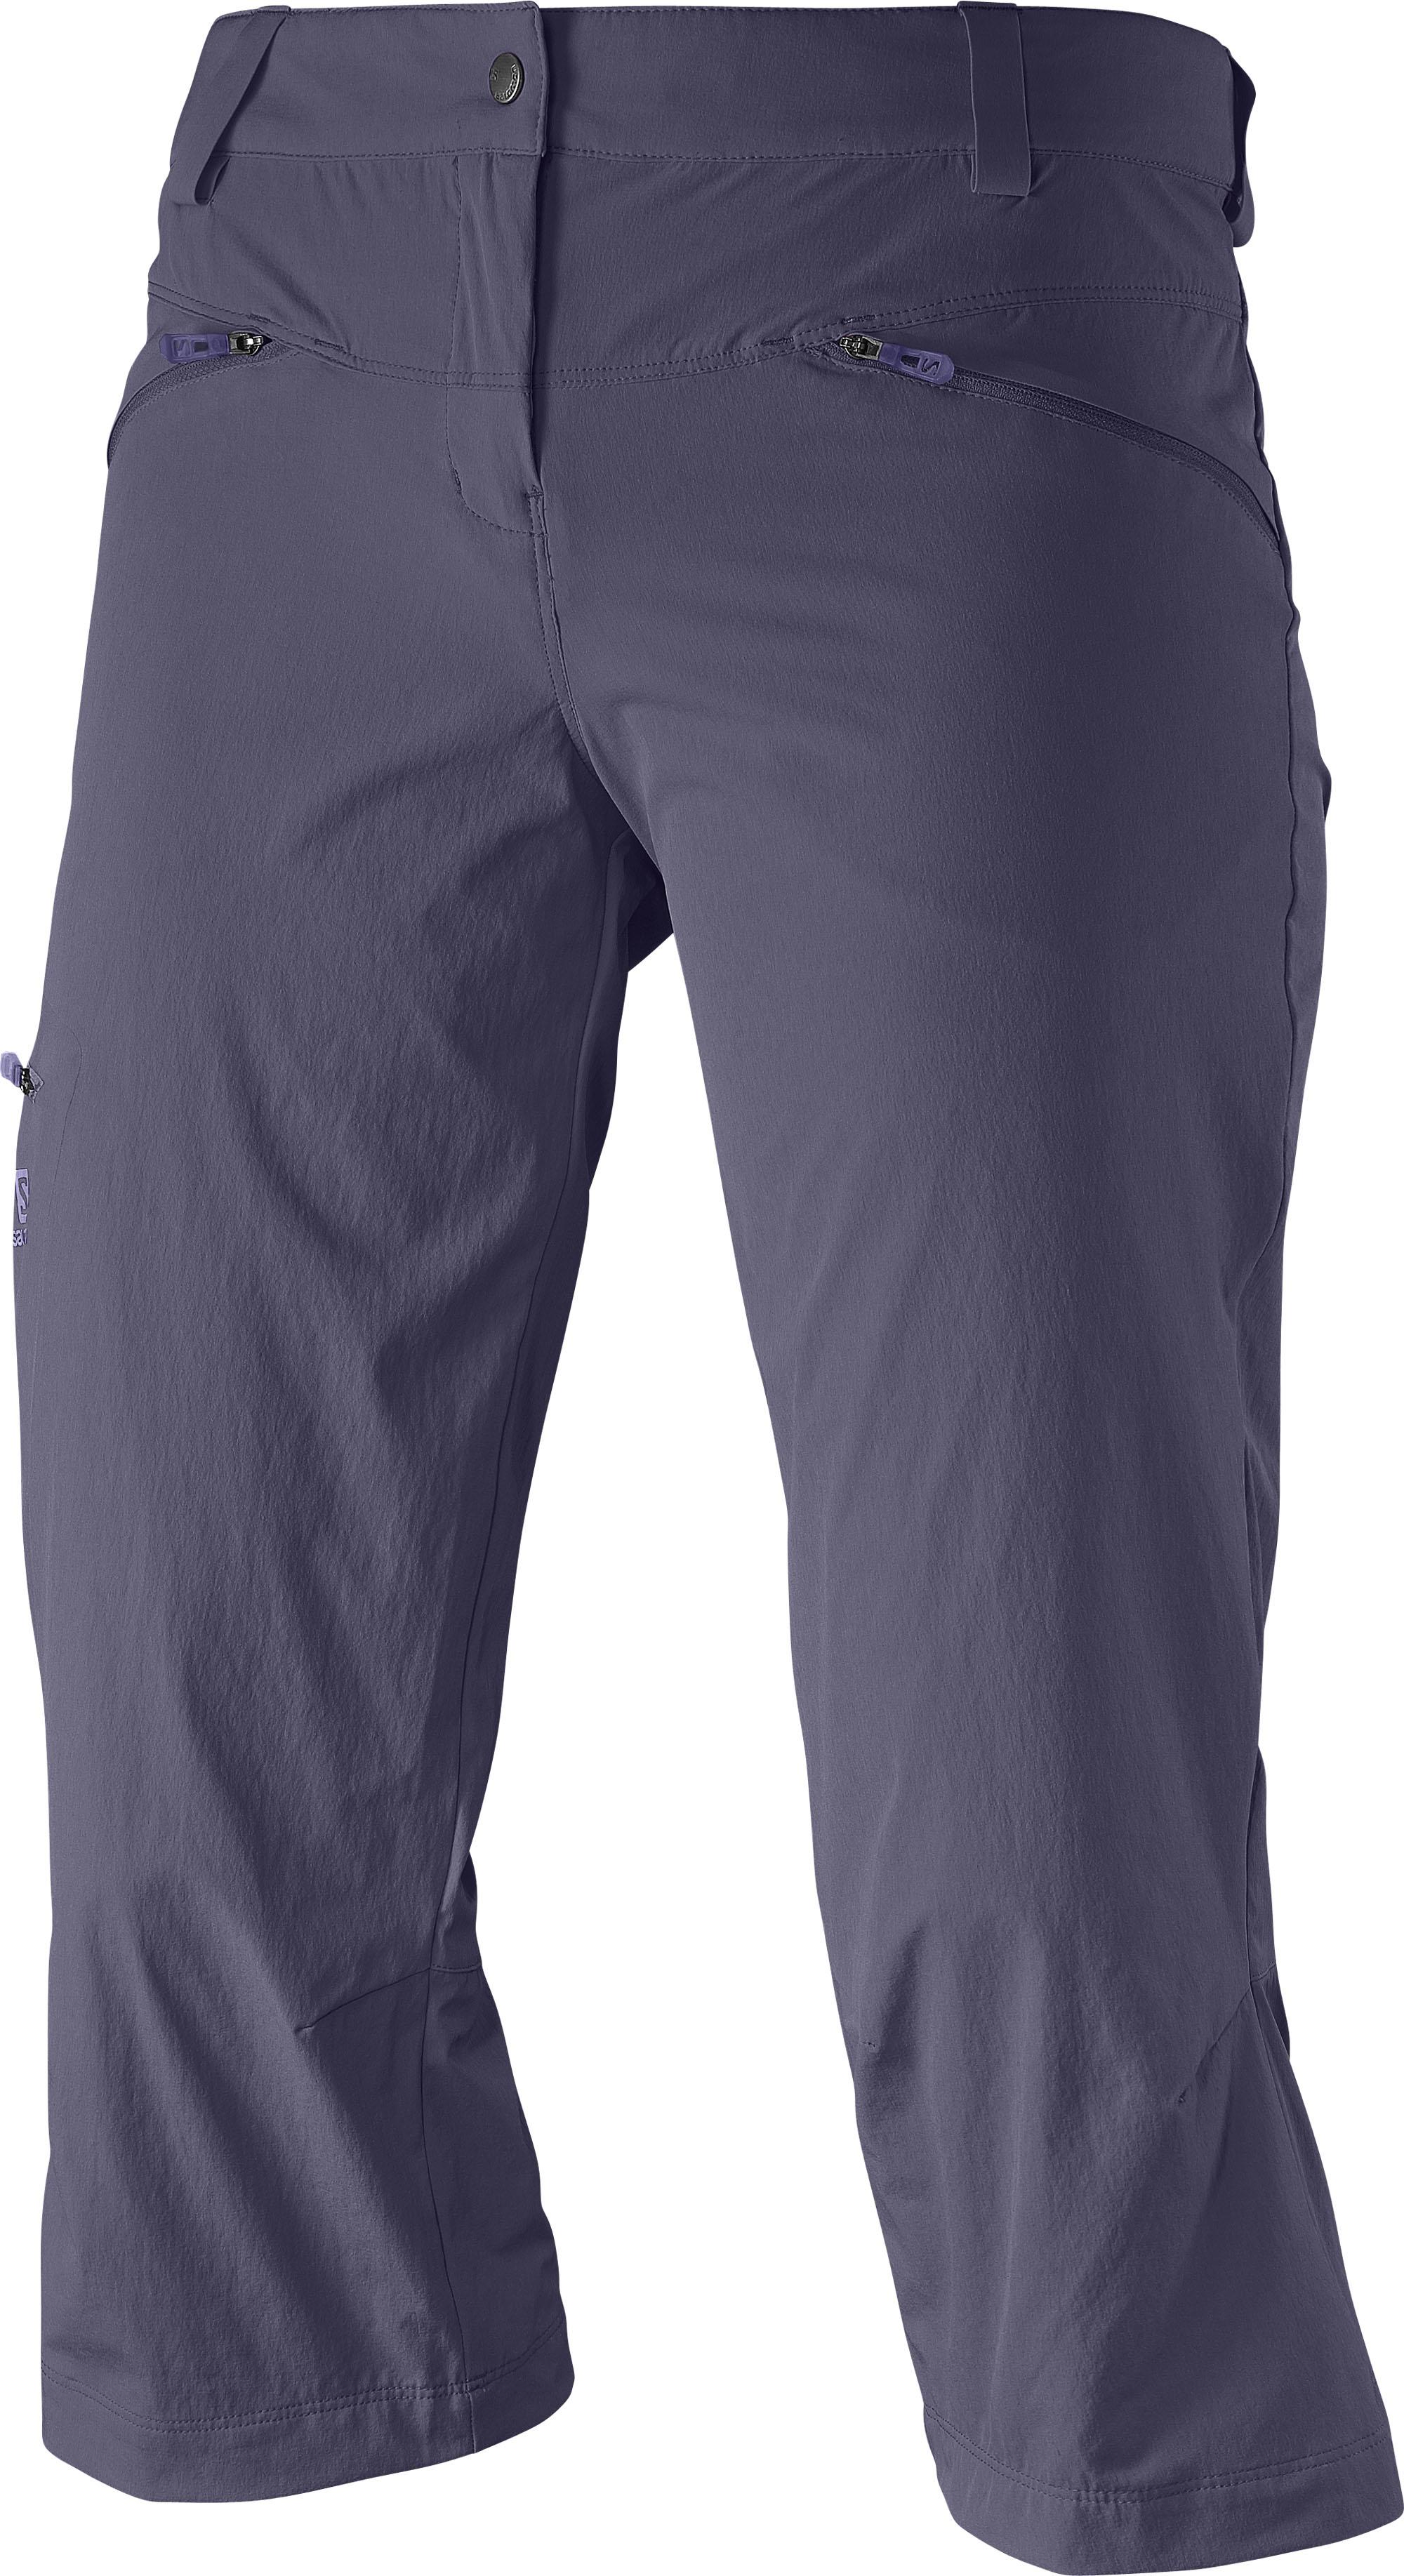 Salomon Wayfarer Capri 371081 fialová 34